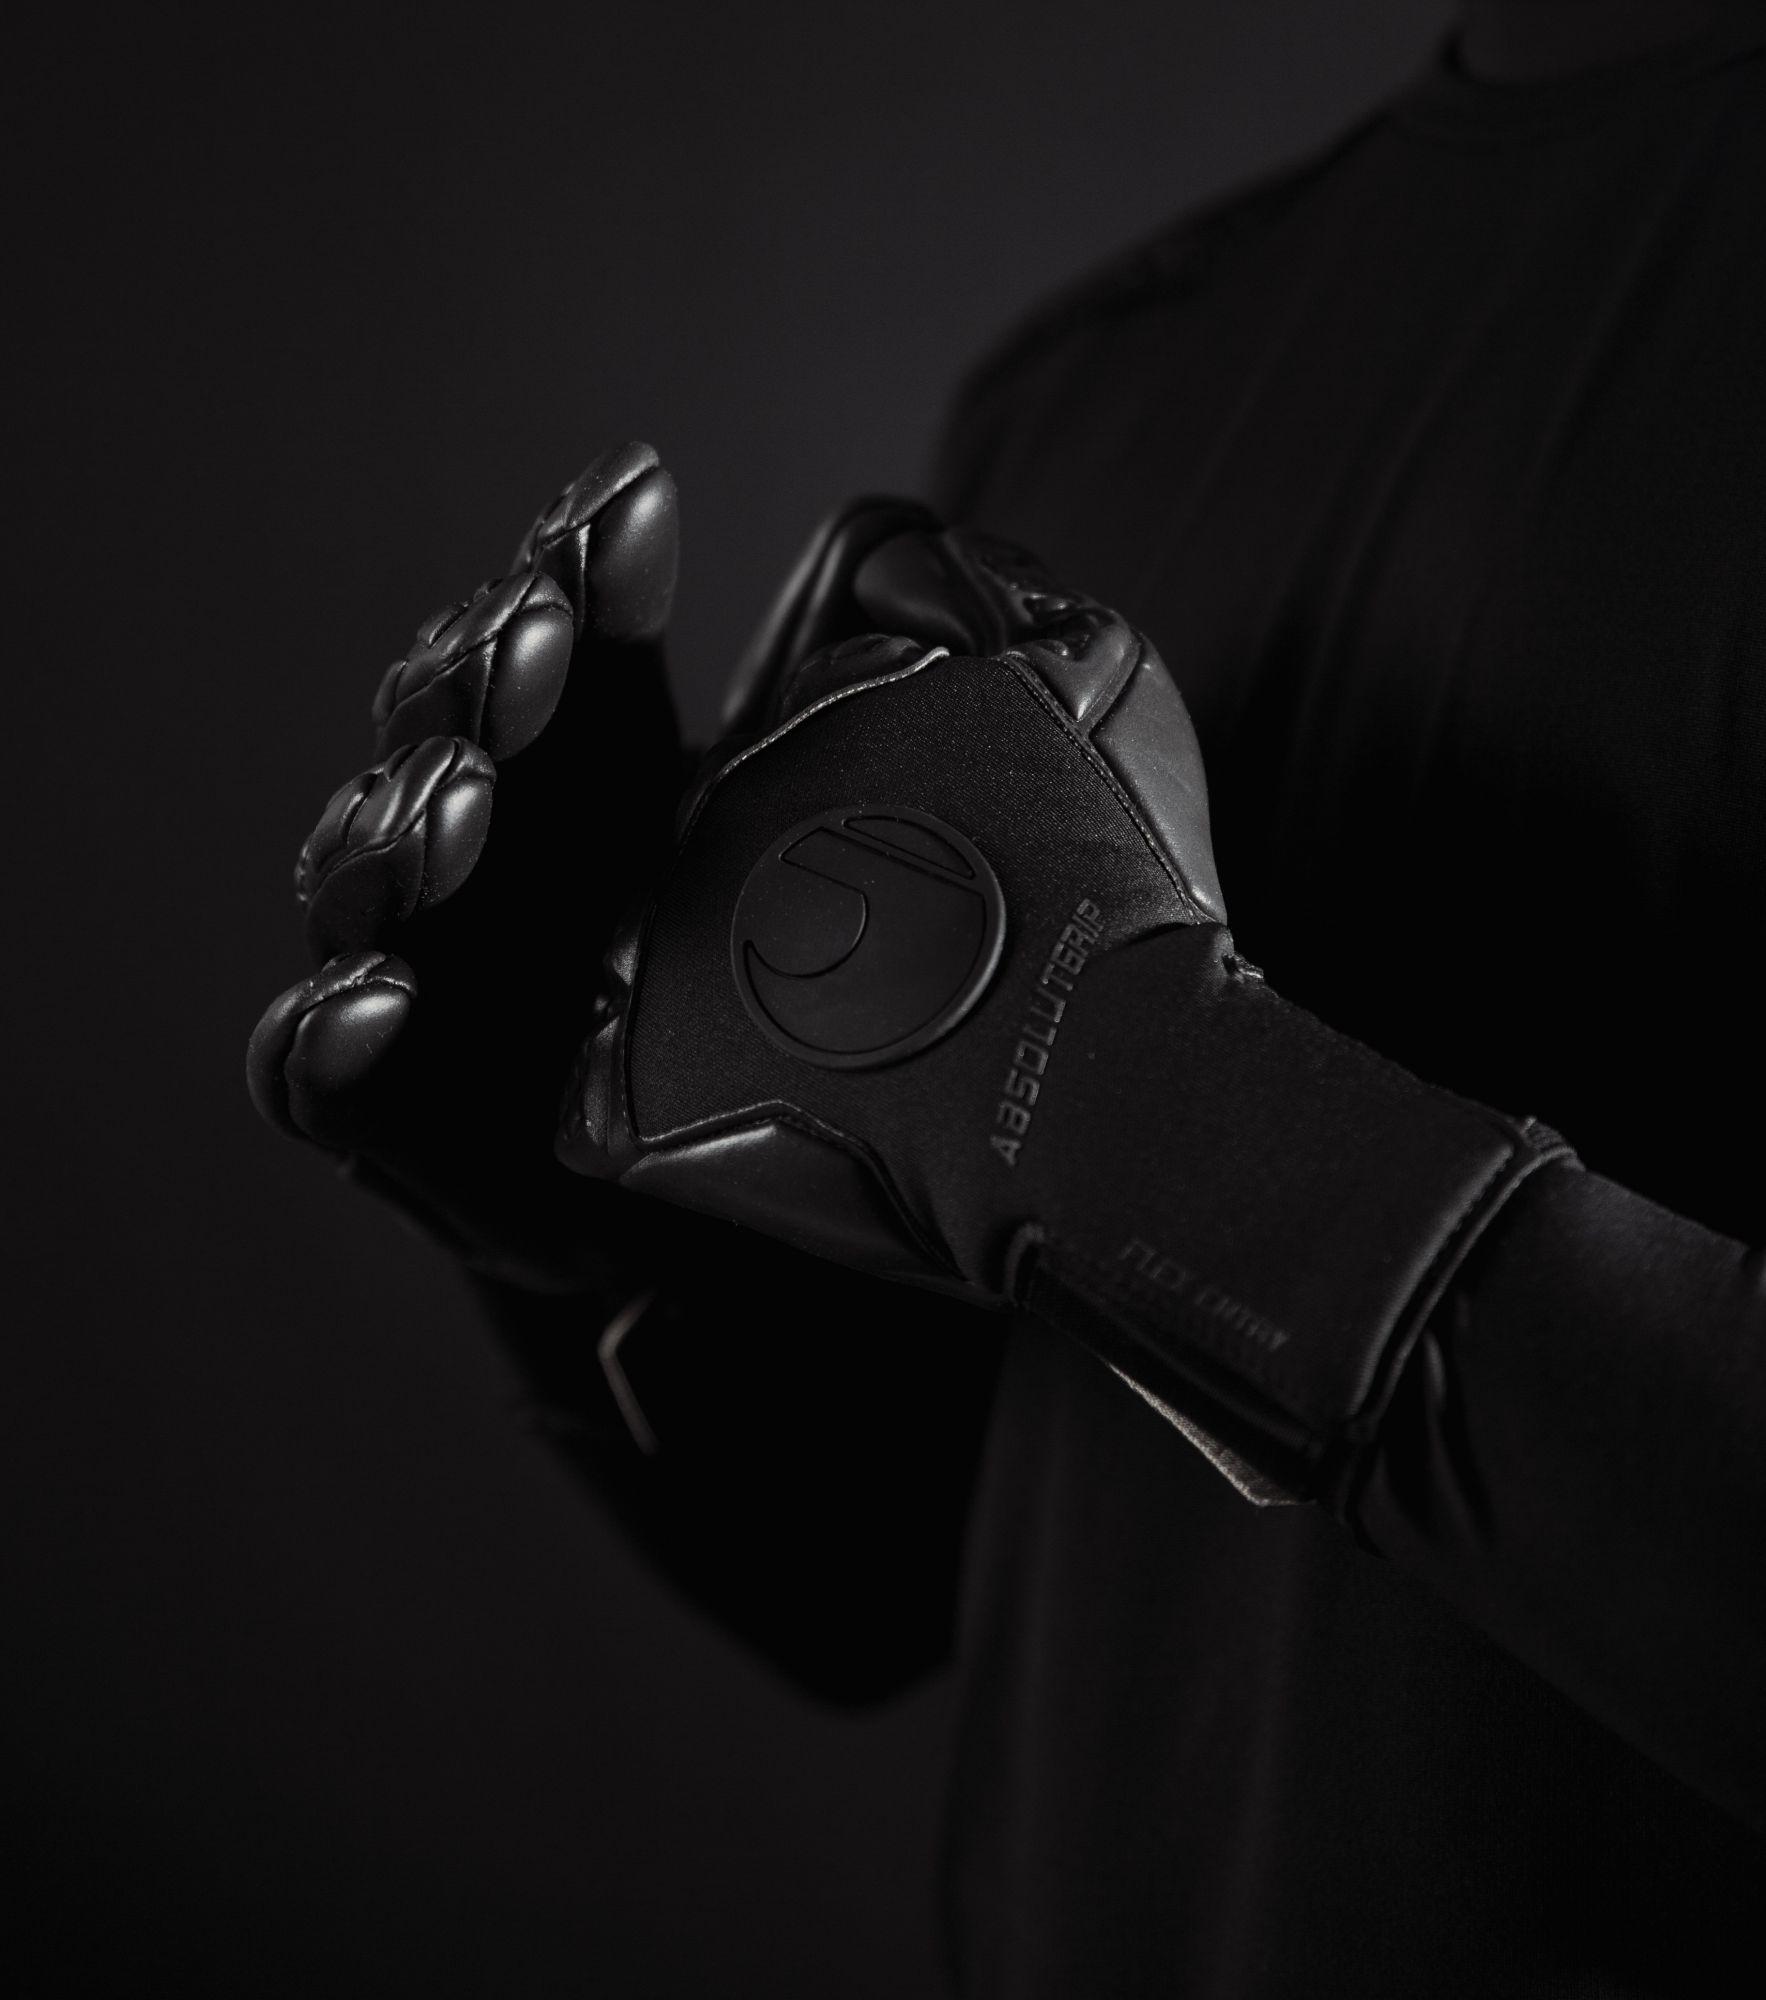 Gants Uhlsport Hyperblack Absolutgrip HN édition limitée 2021